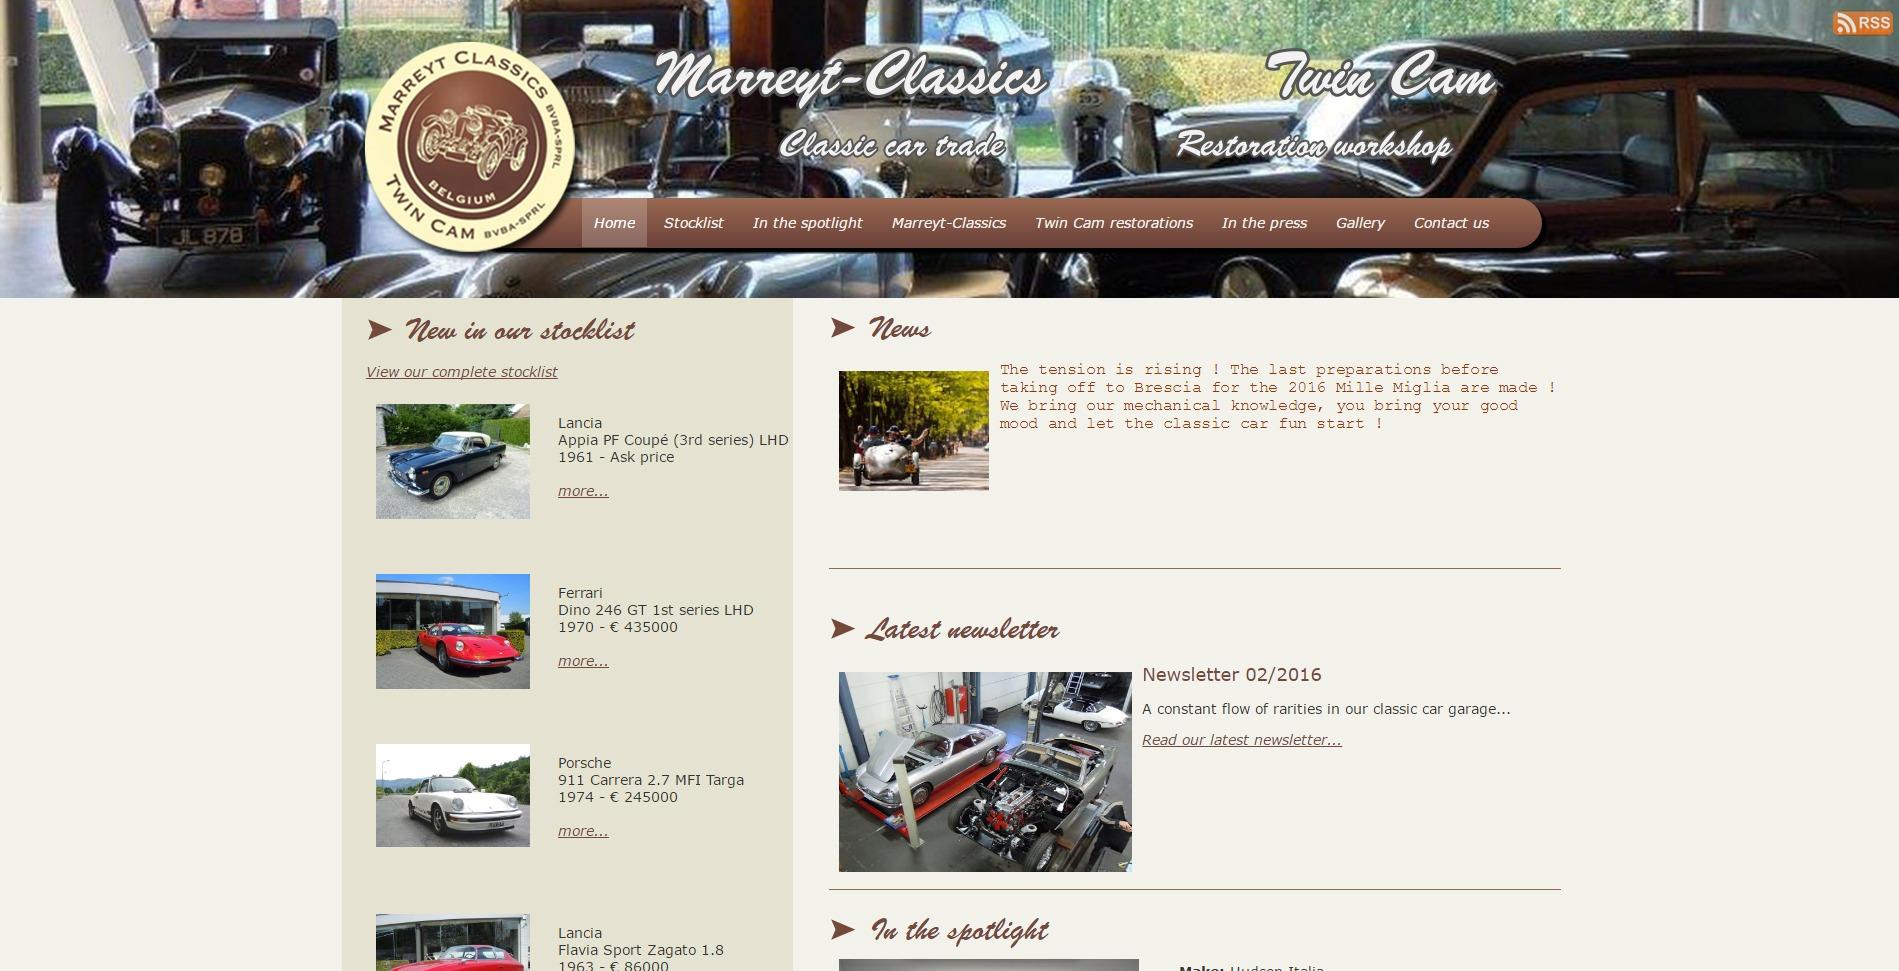 webdesign Marreyt classics